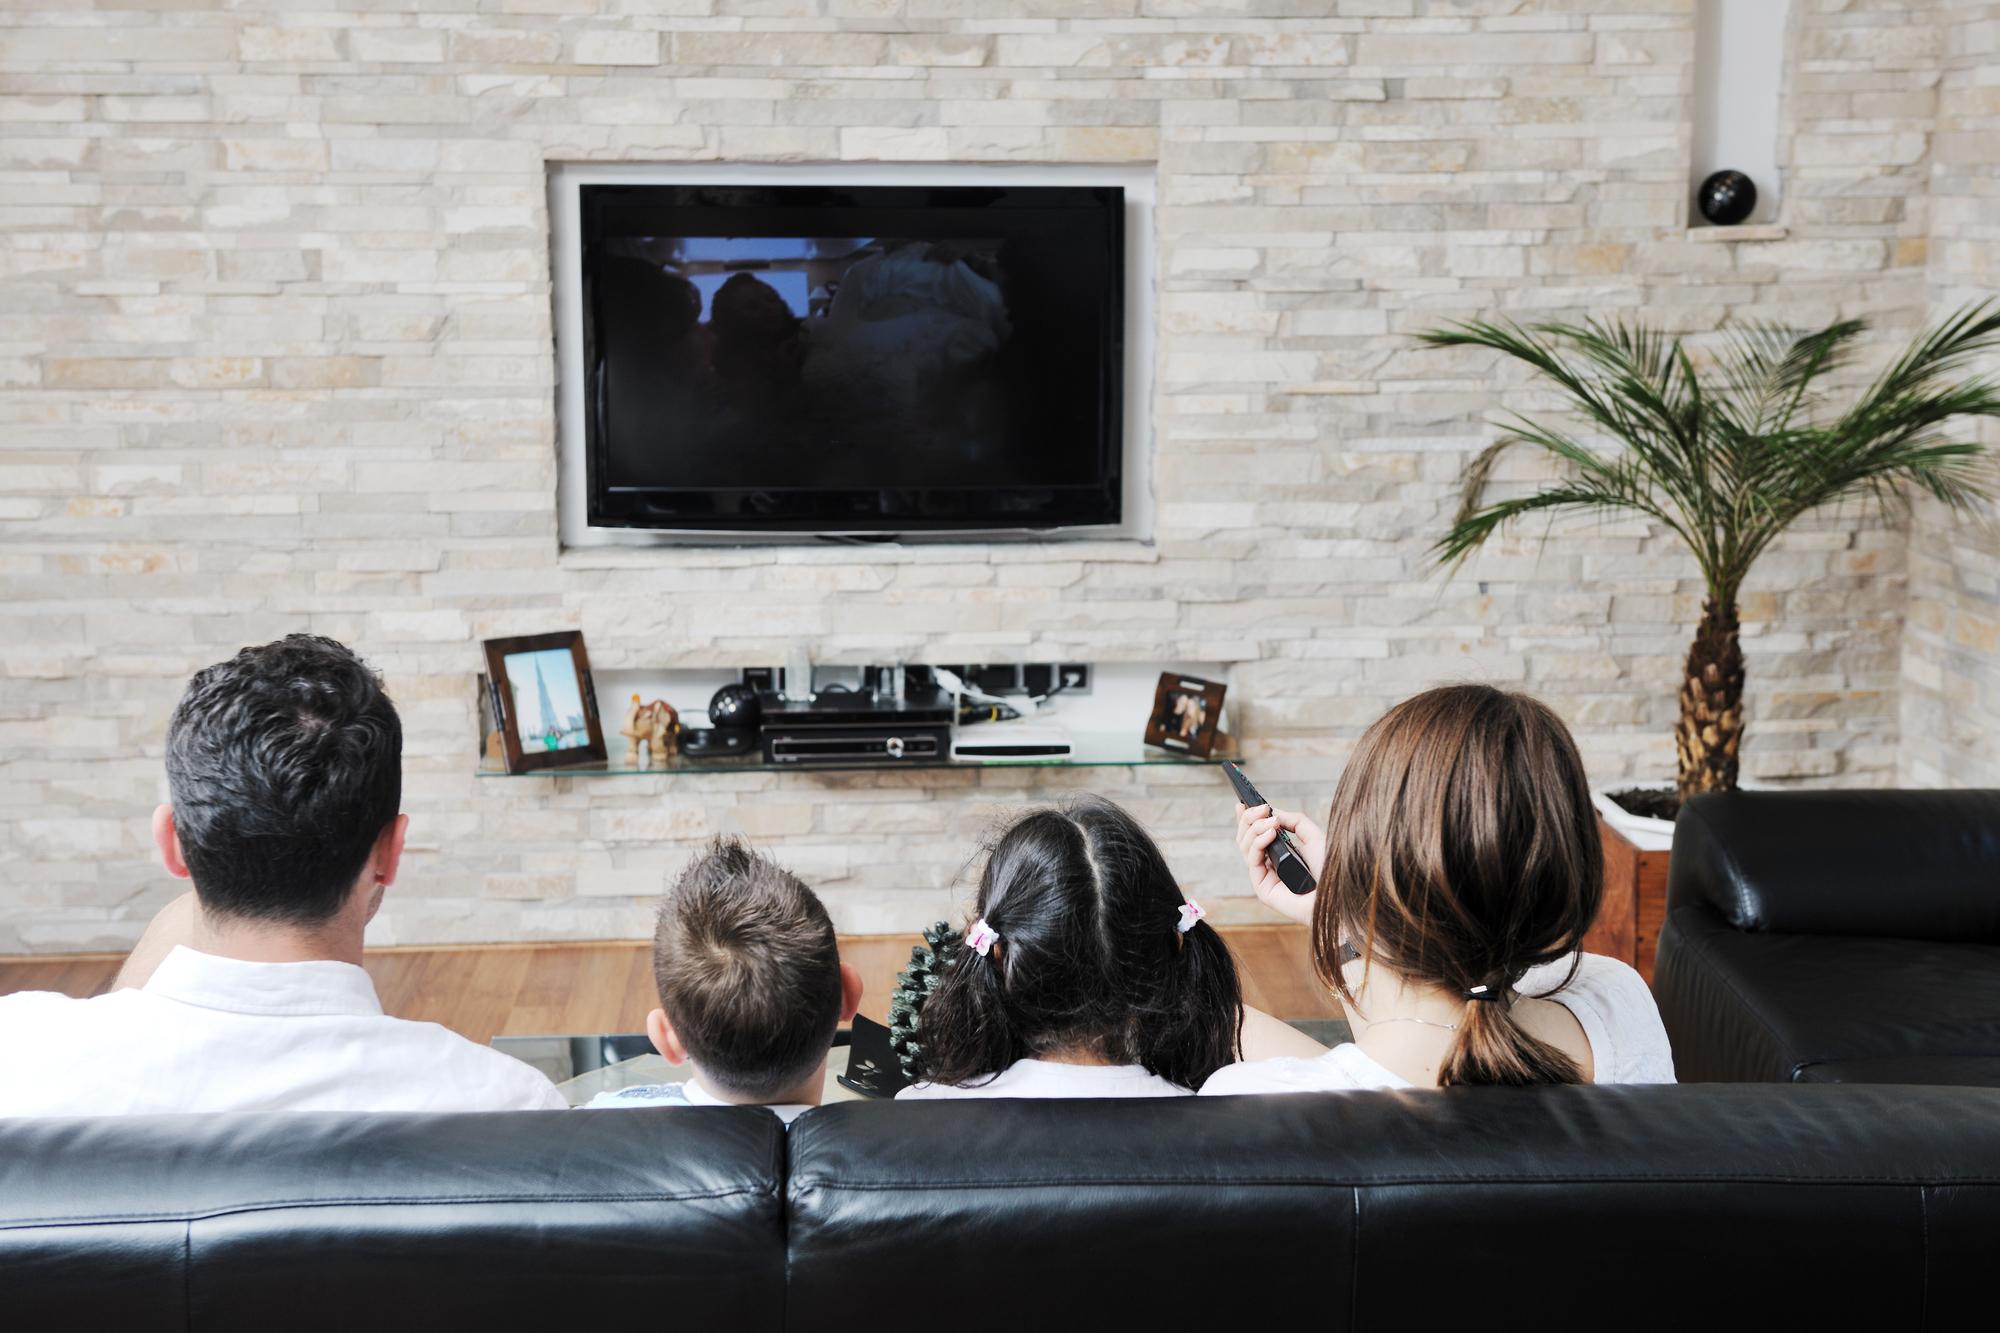 Лучшие телевизоры до 15000 рублей